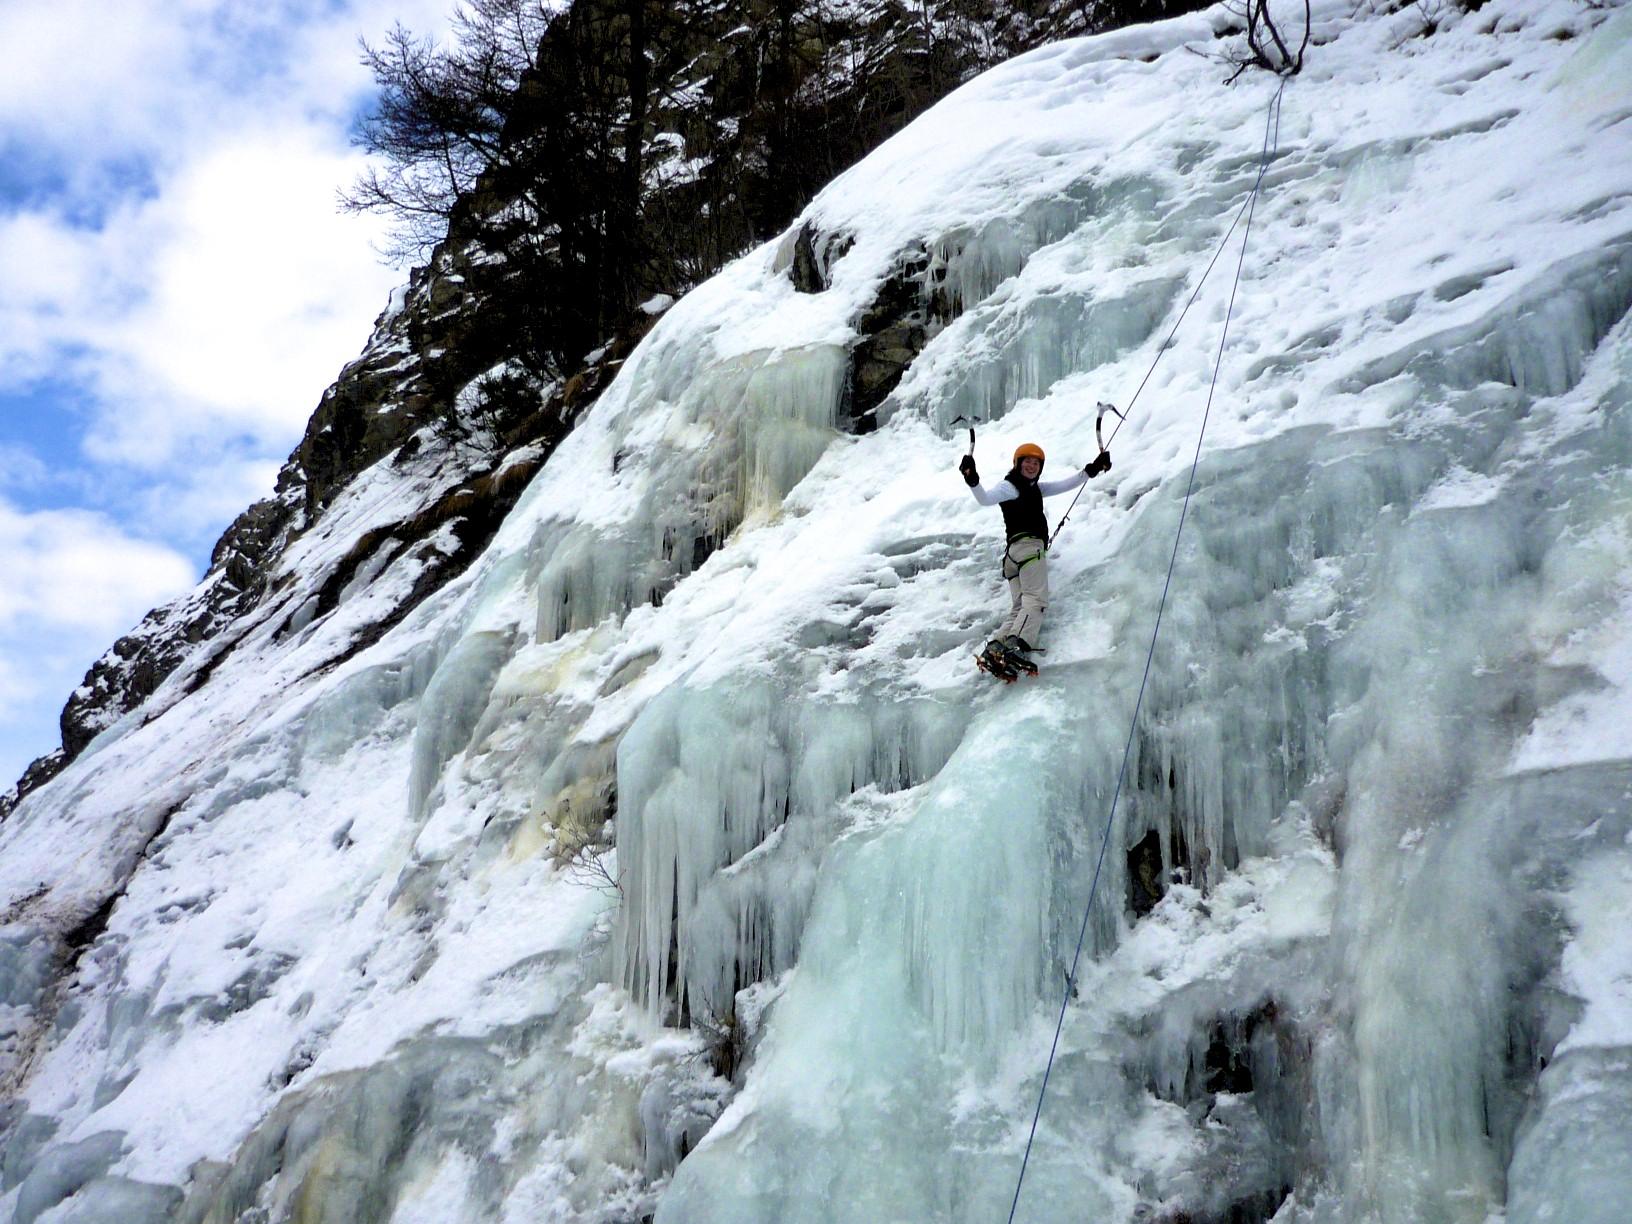 cascade de glace, la grave